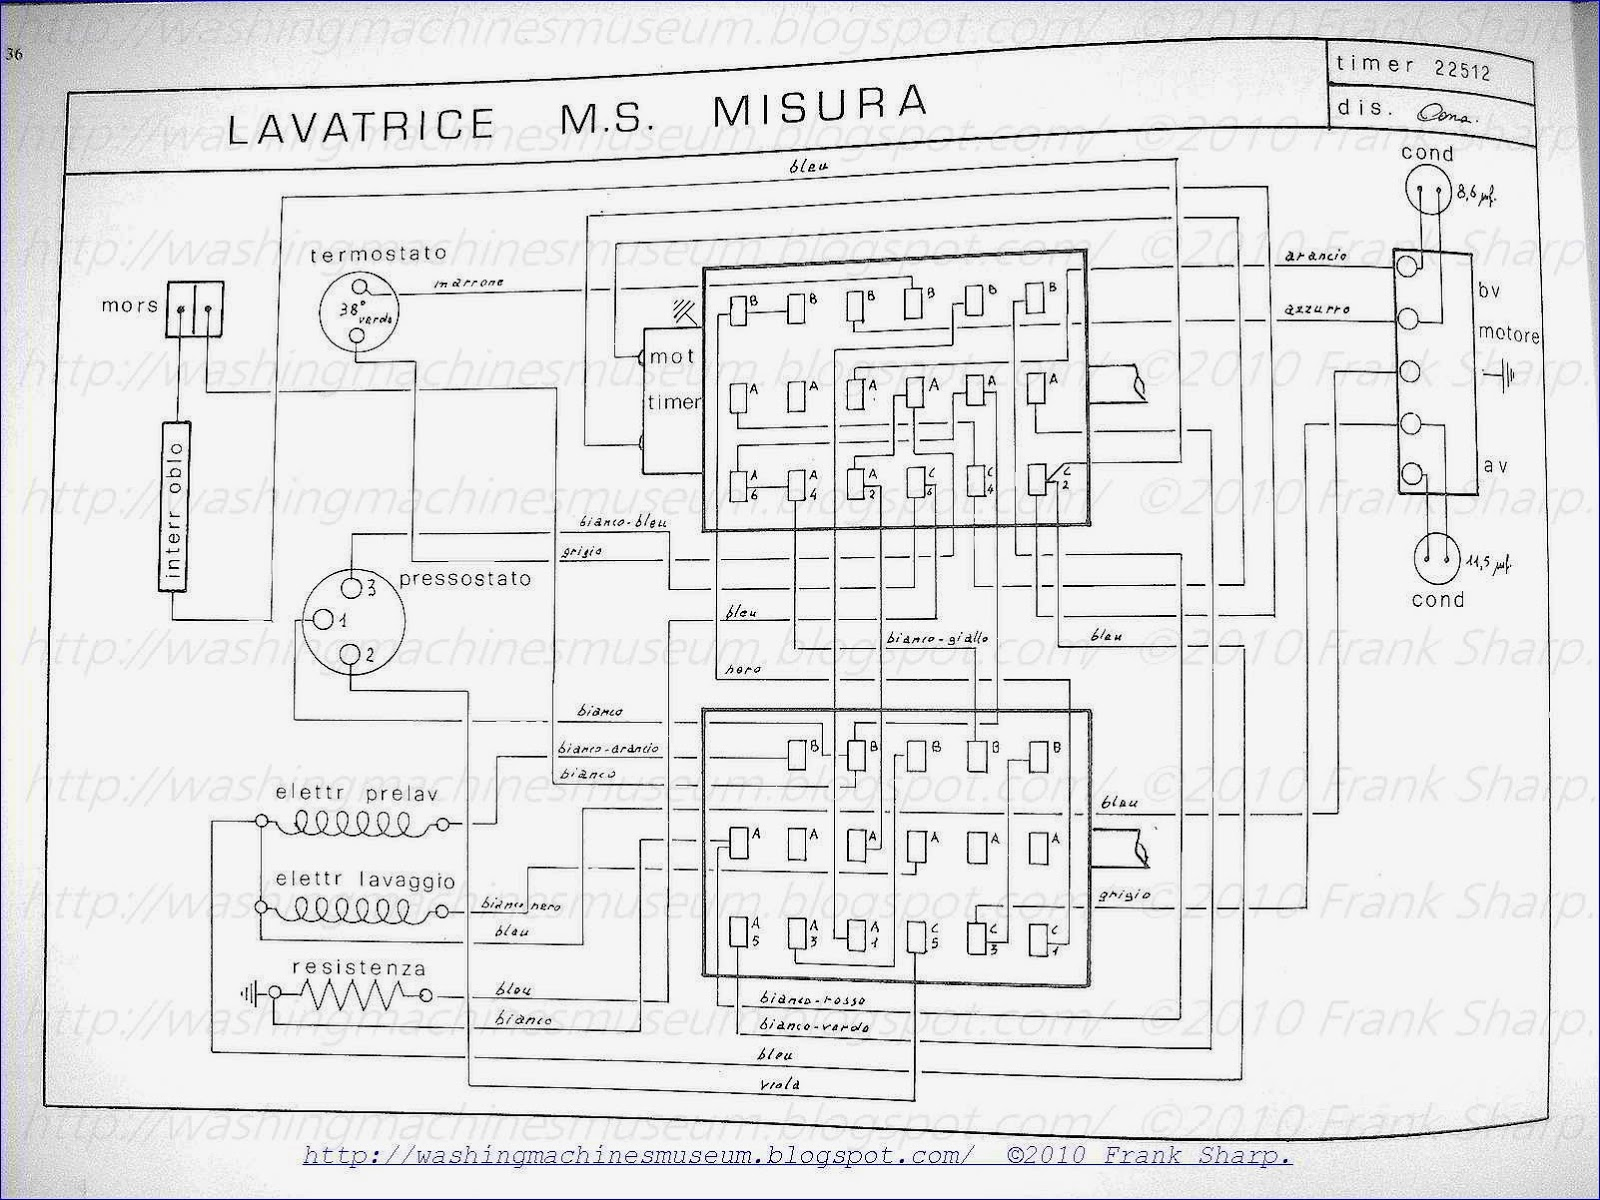 sharp schematic diagram